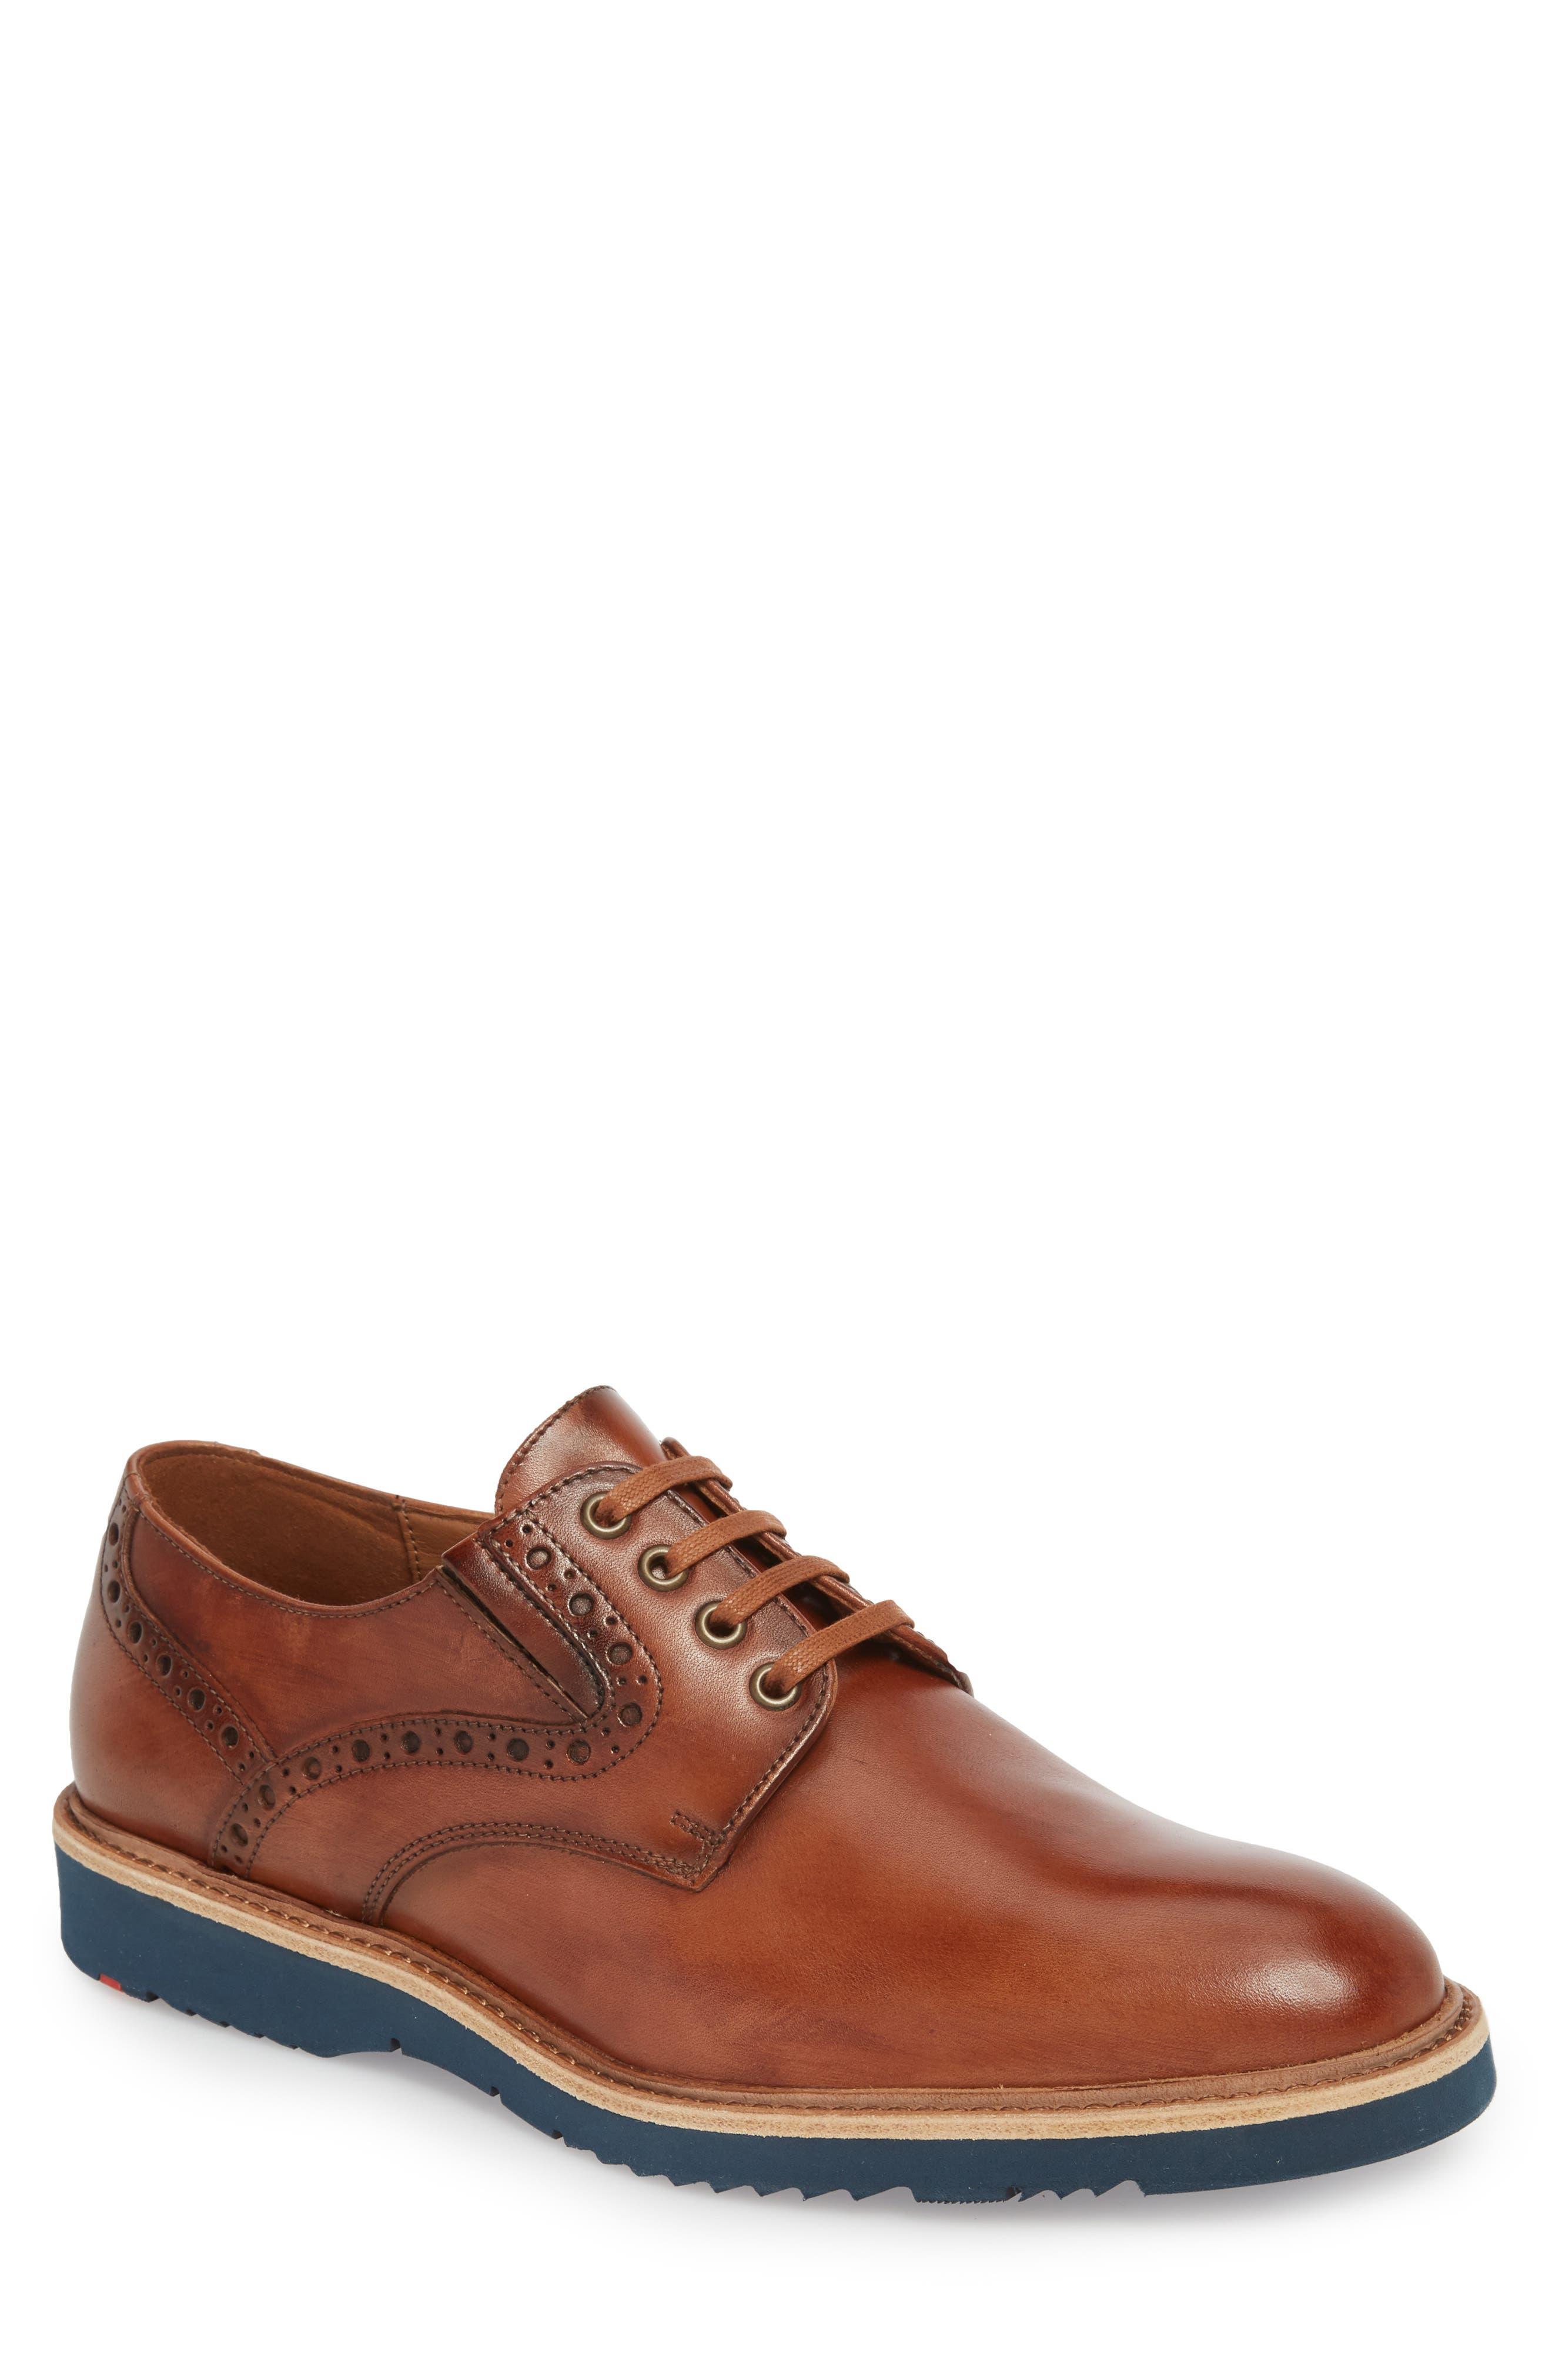 Kandy Plain Toe Derby,                             Main thumbnail 1, color,                             Cognac Leather